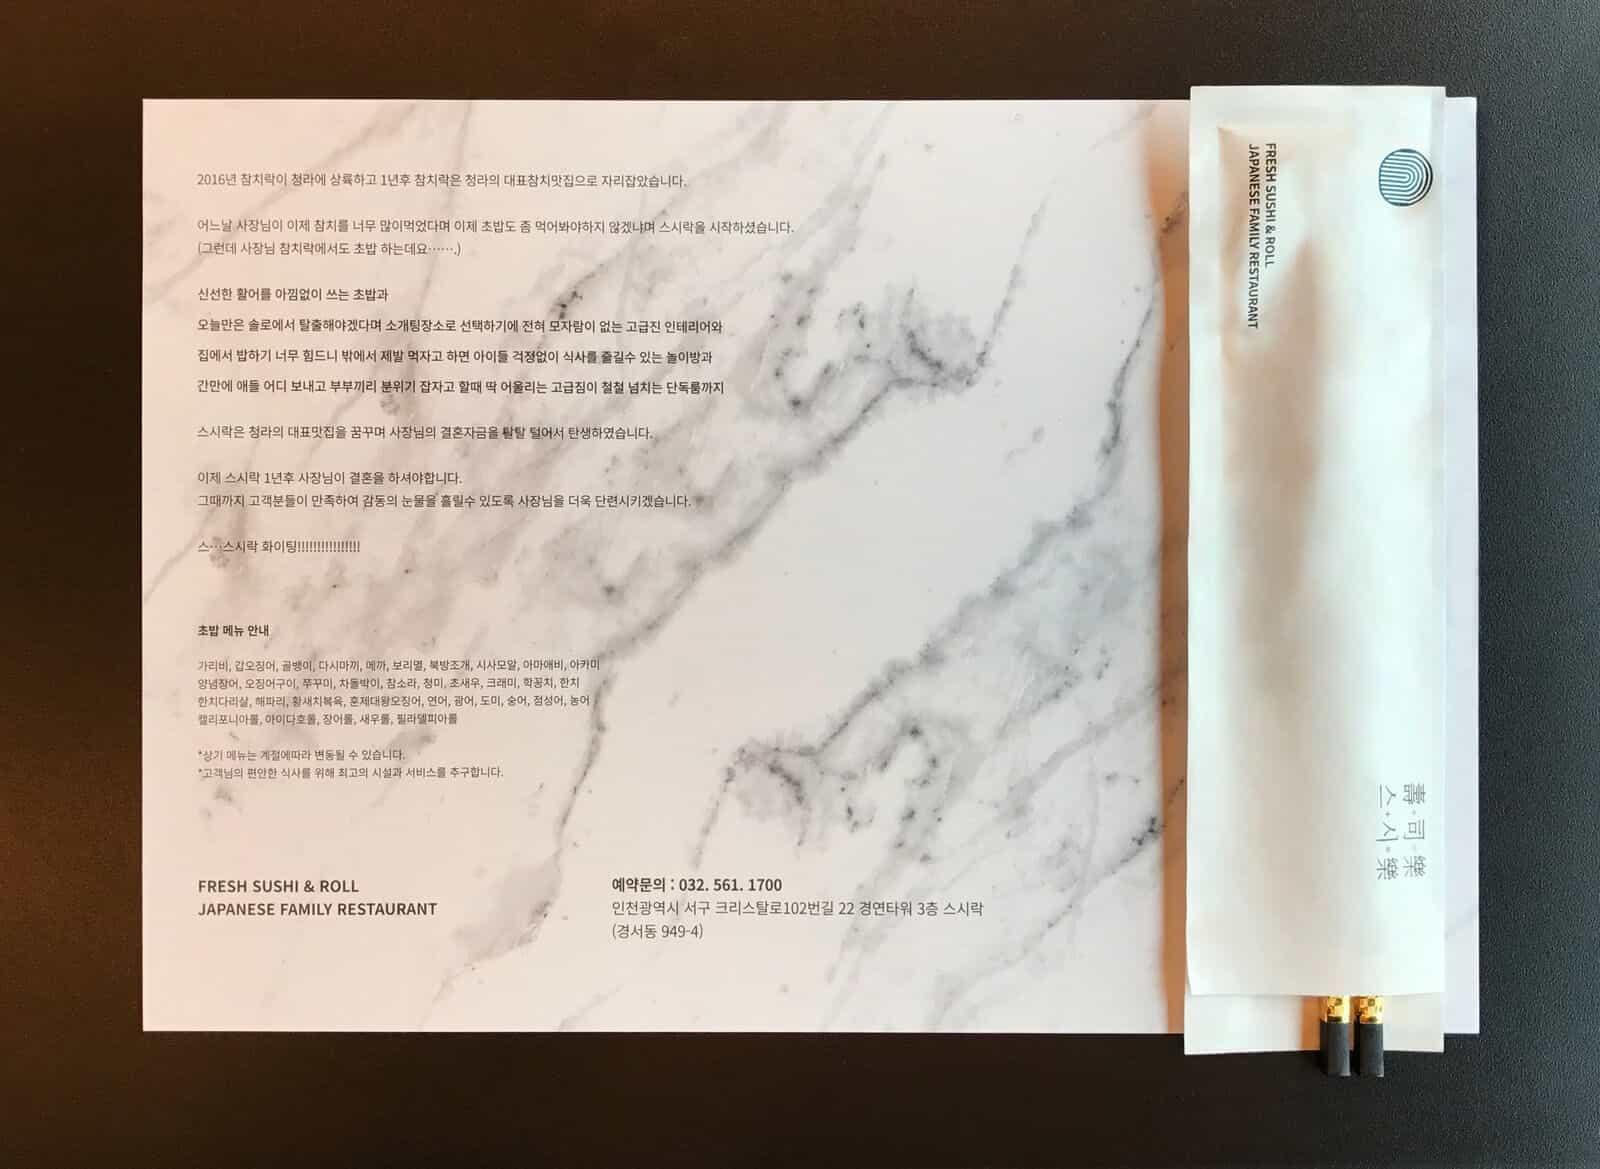 餐廳cis企業識別系統設計